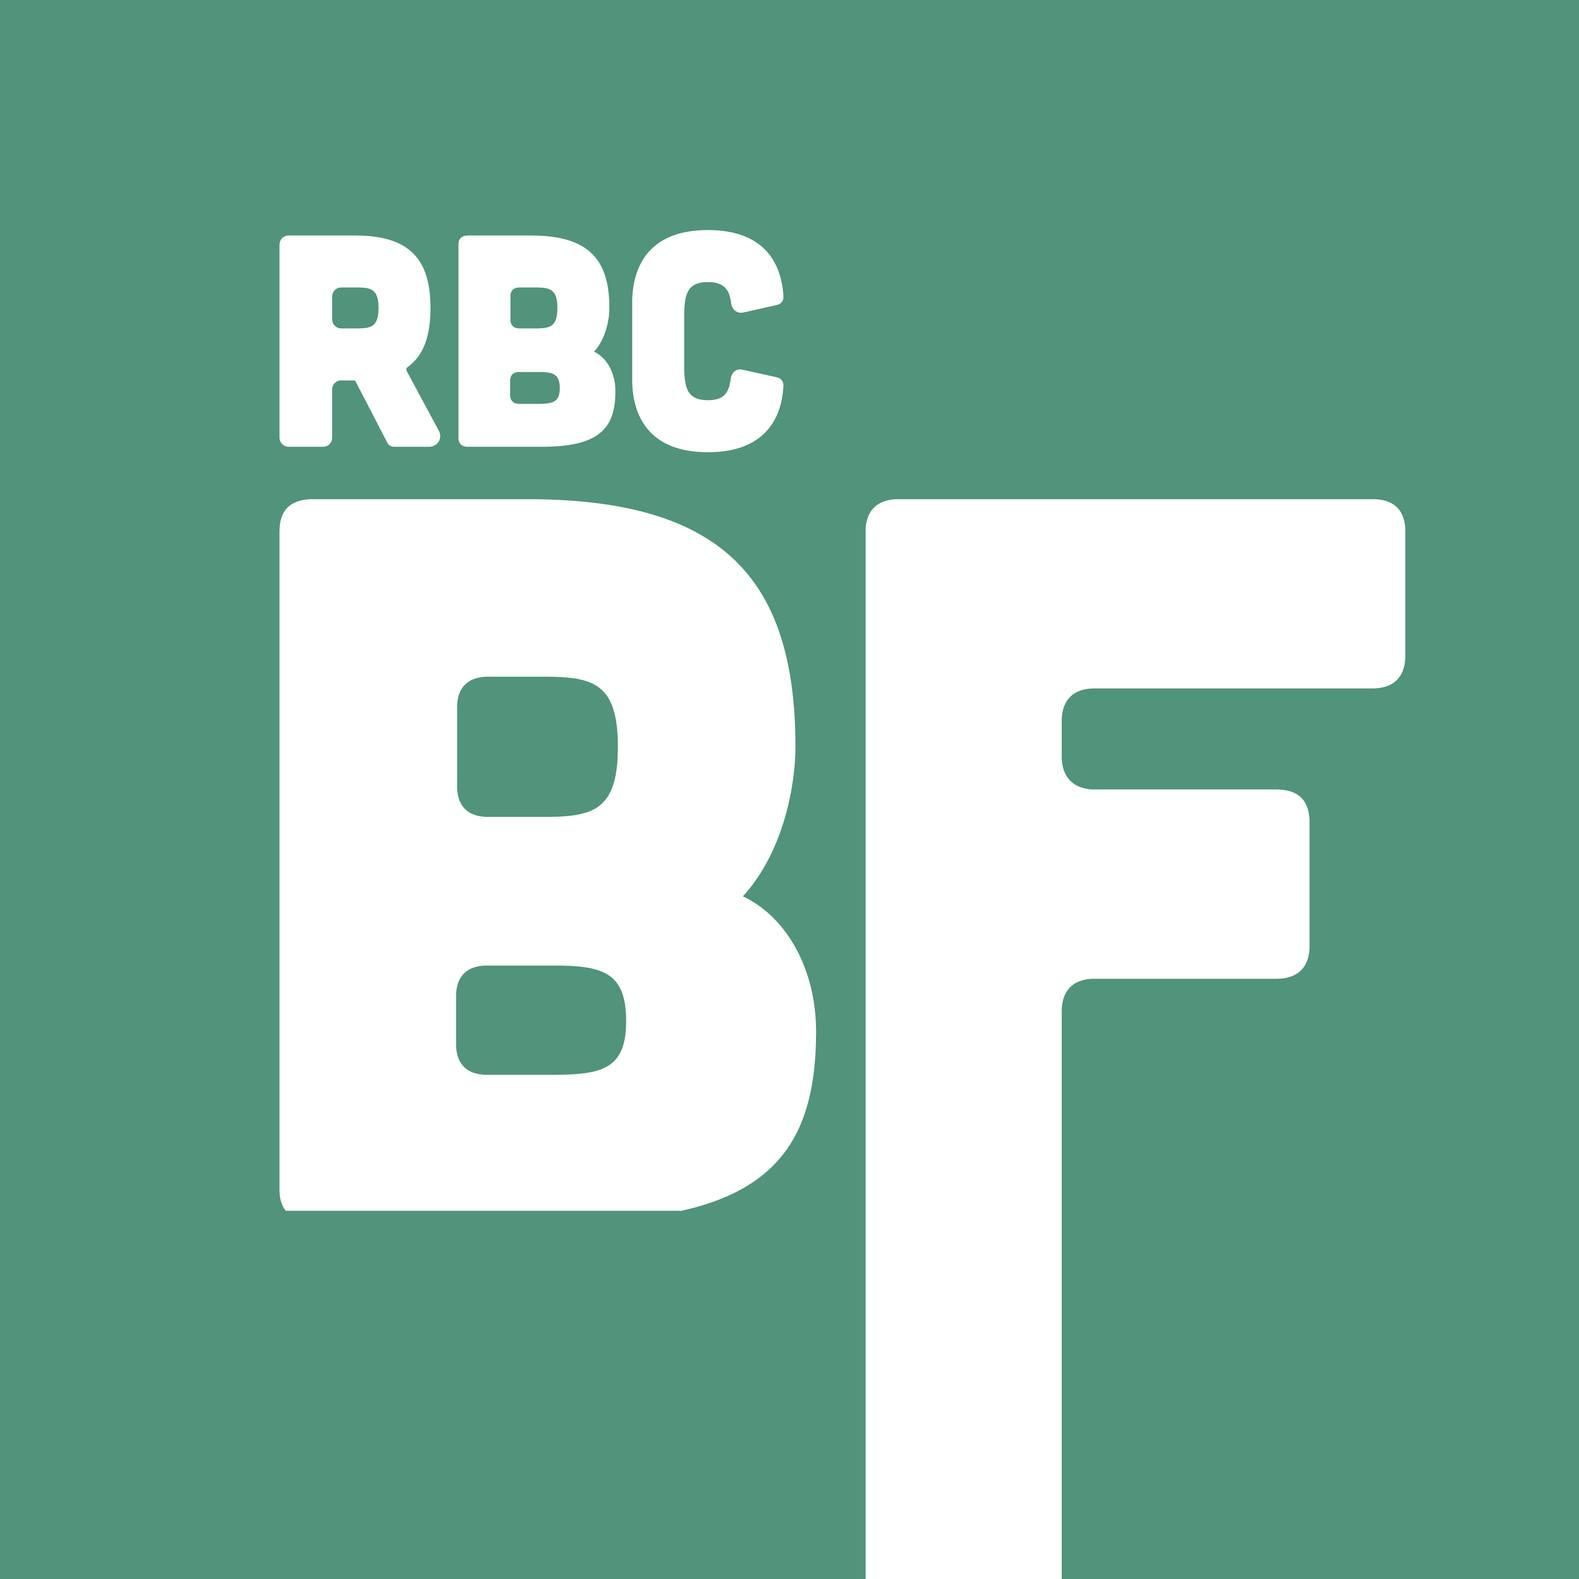 RBC Ottawa Bluesfest 2020